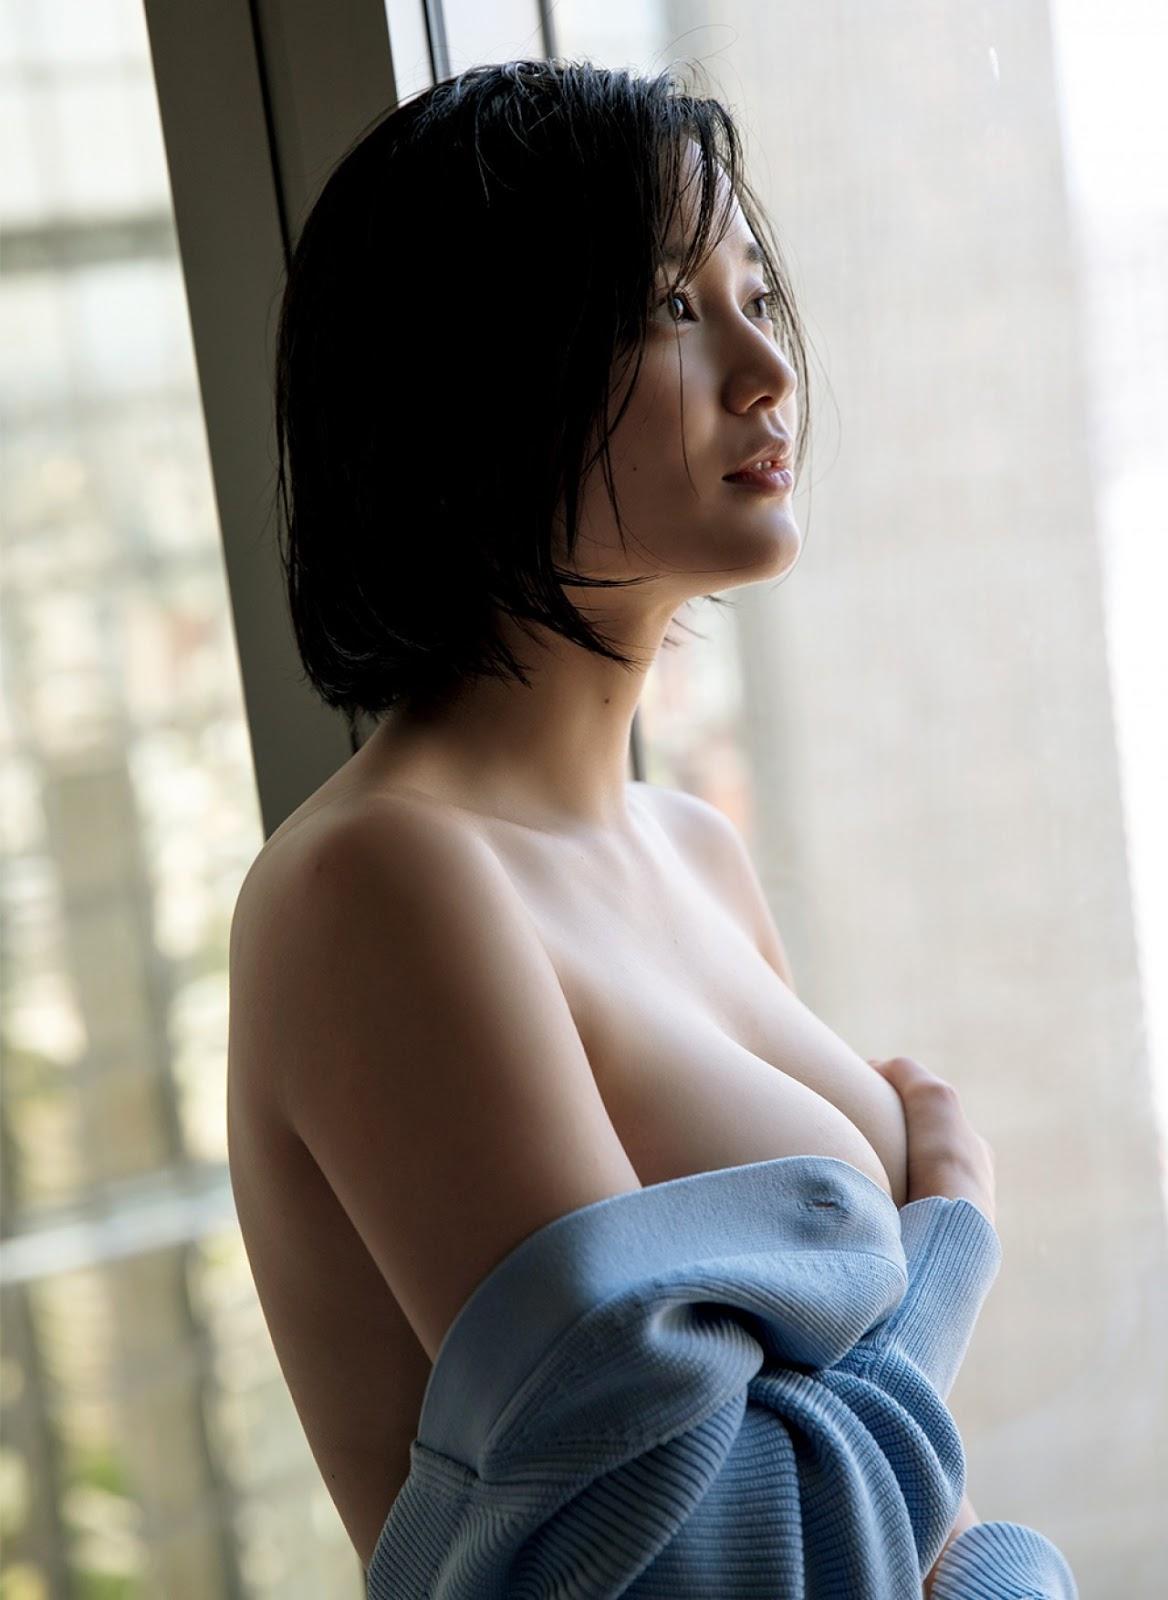 Nackt Naoko Inoue  Naoko Inoue